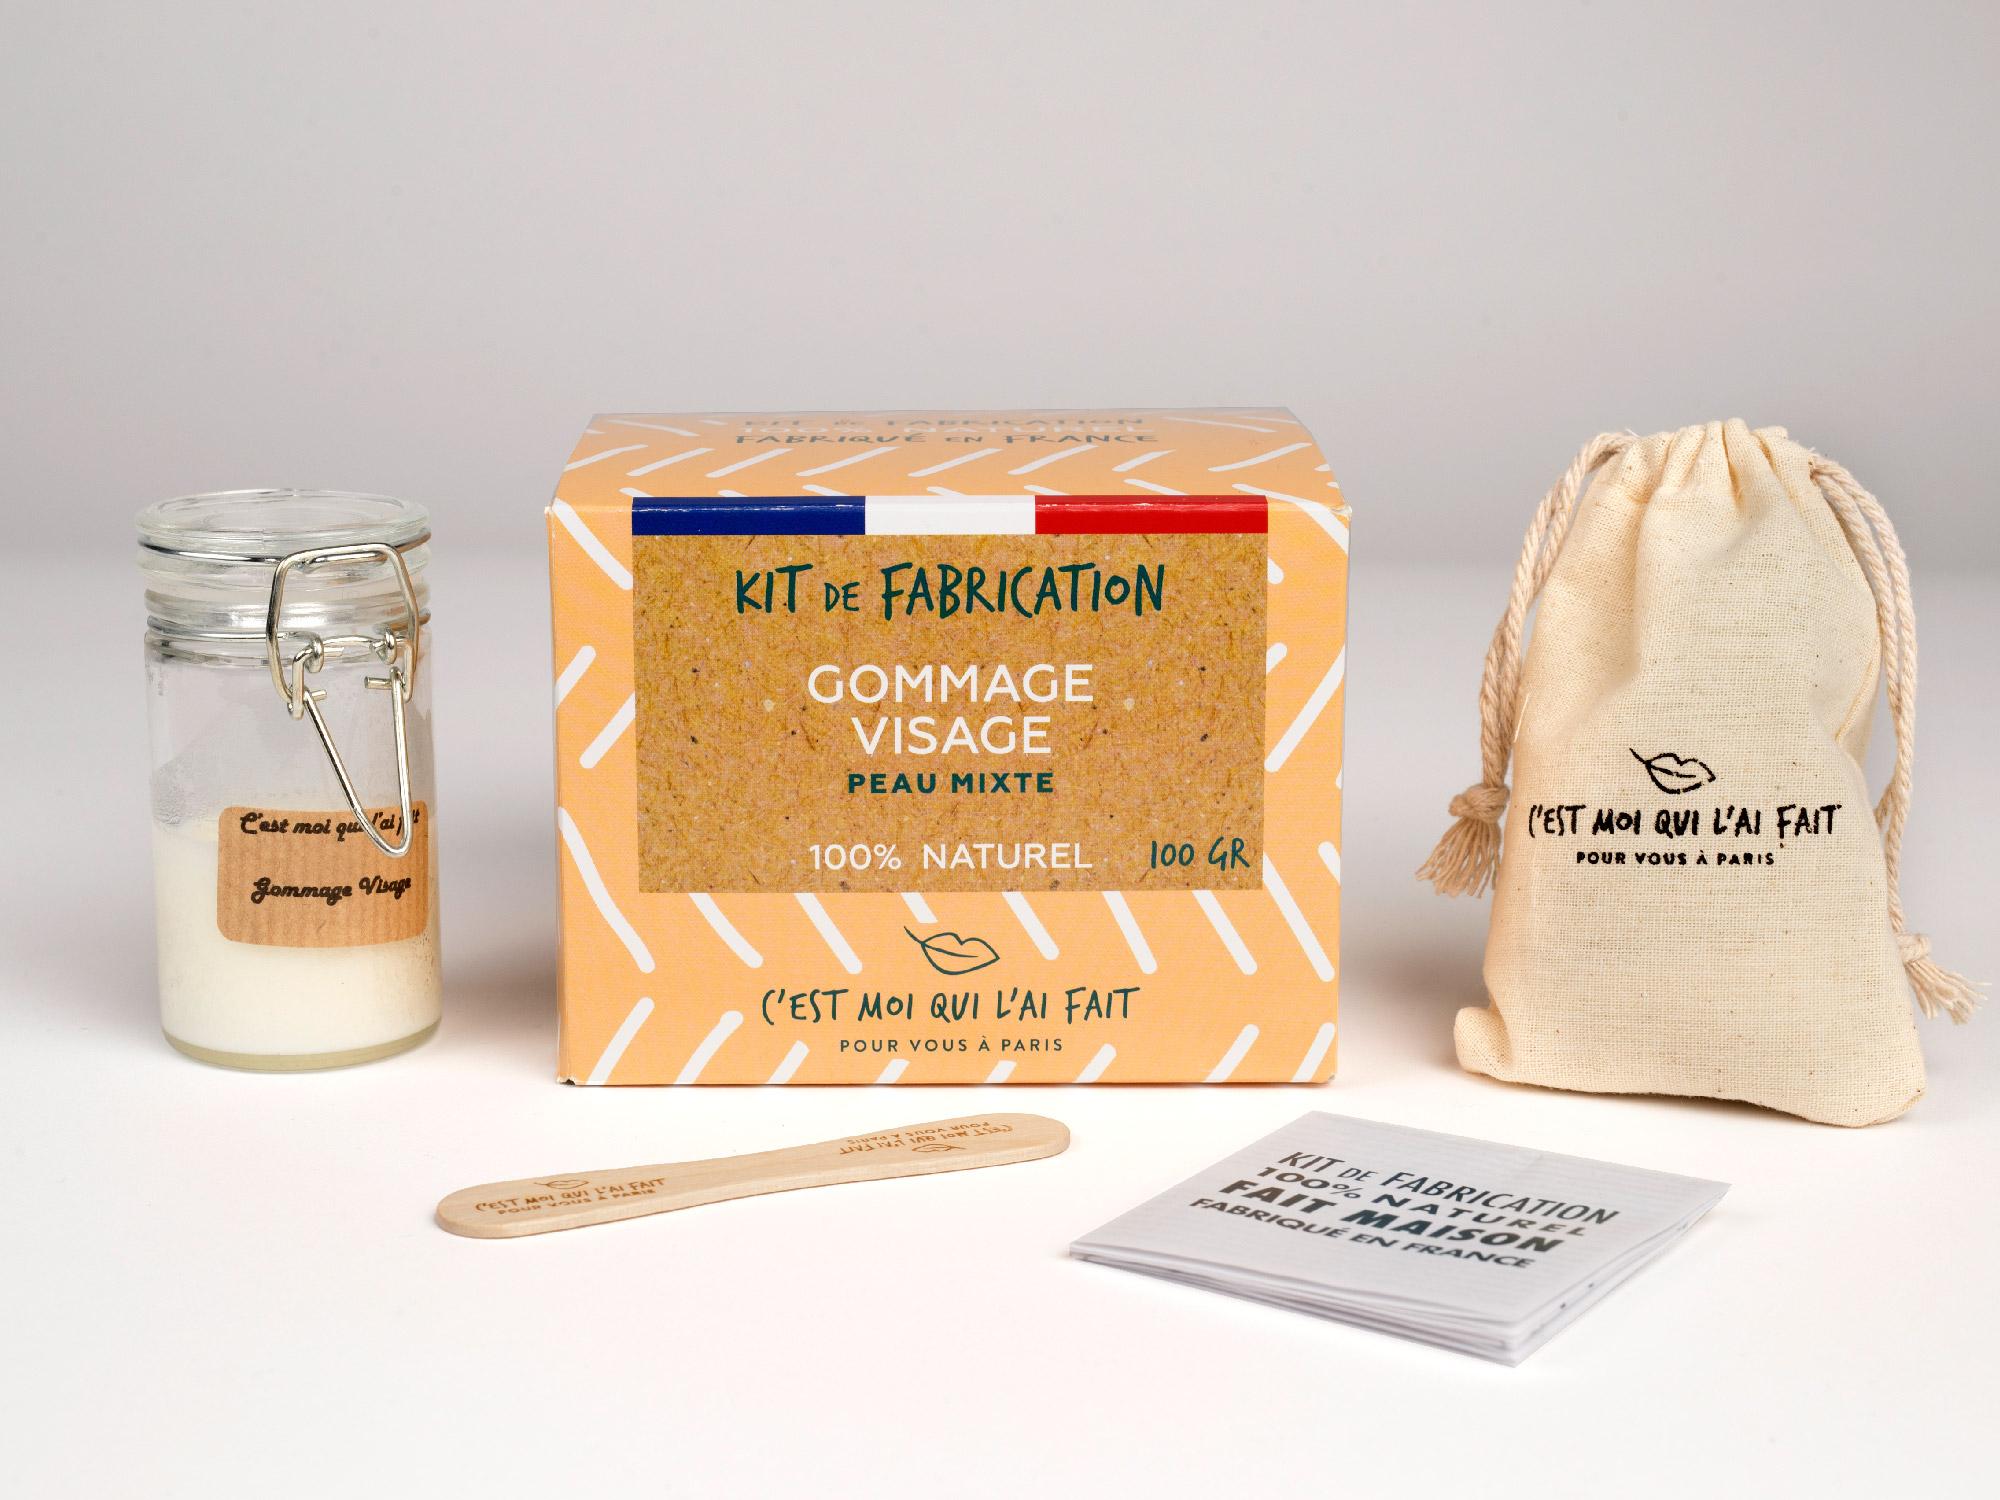 Kit de Fabrication Gommage pour le visage